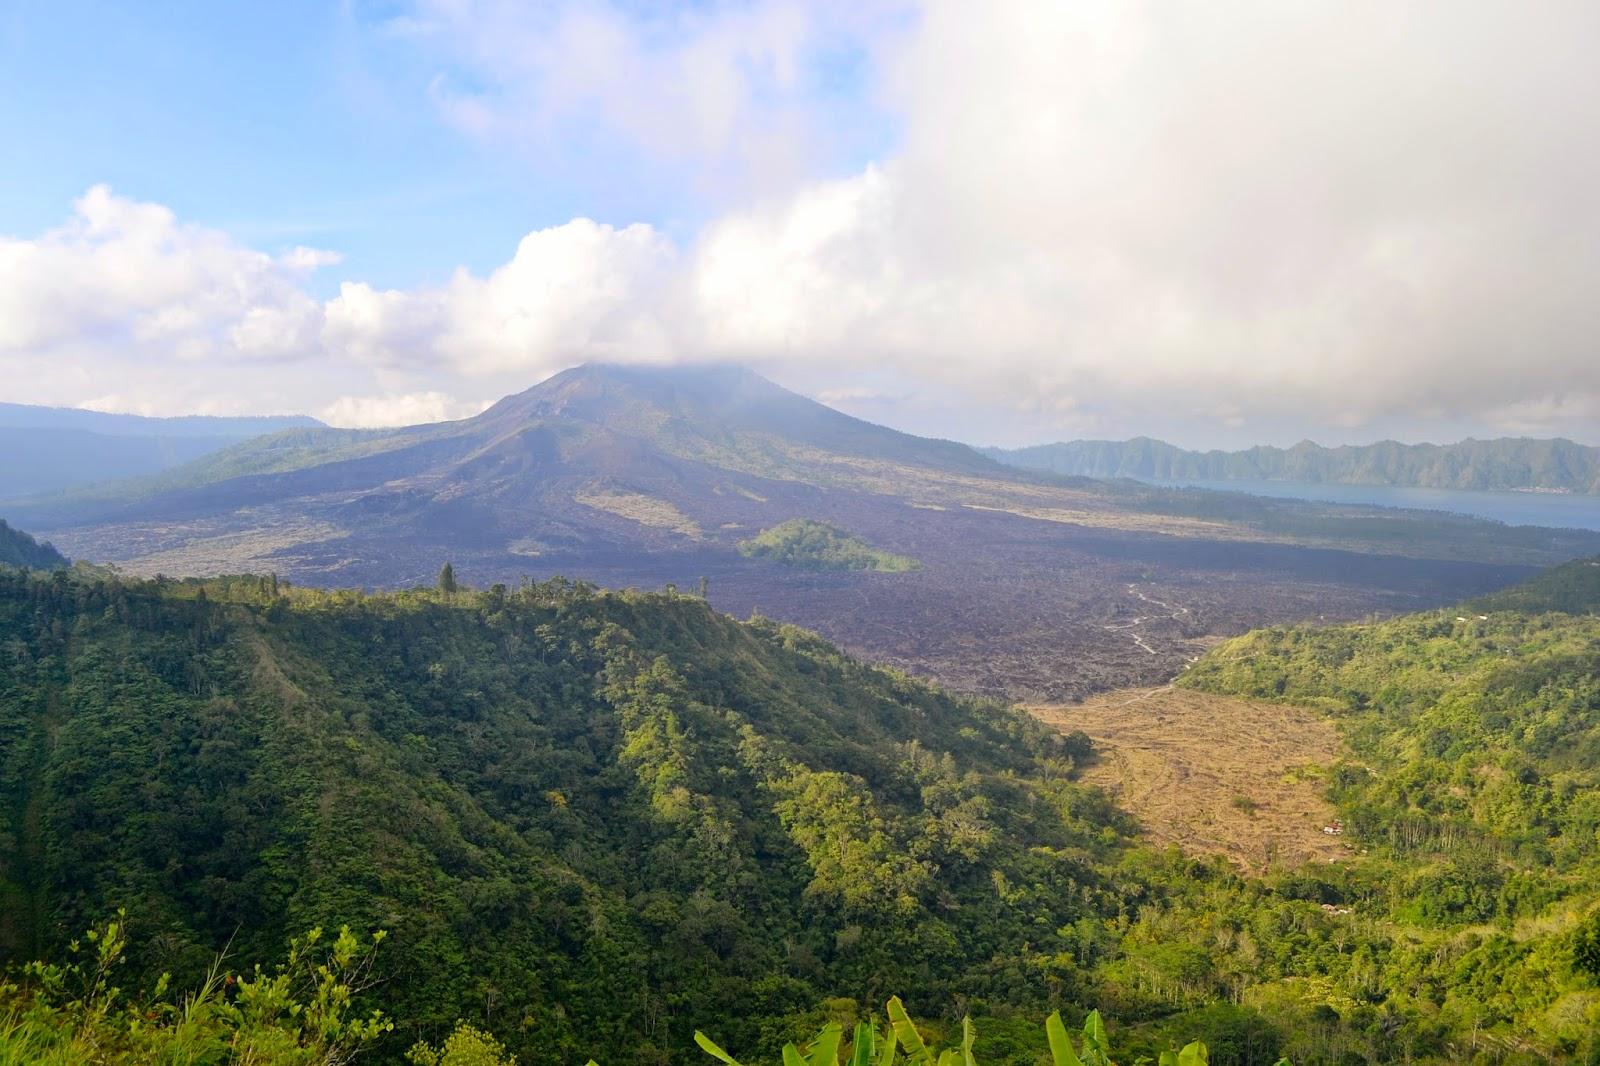 vistas al volcán Batur desde Kintamani, Bali, Indonesia